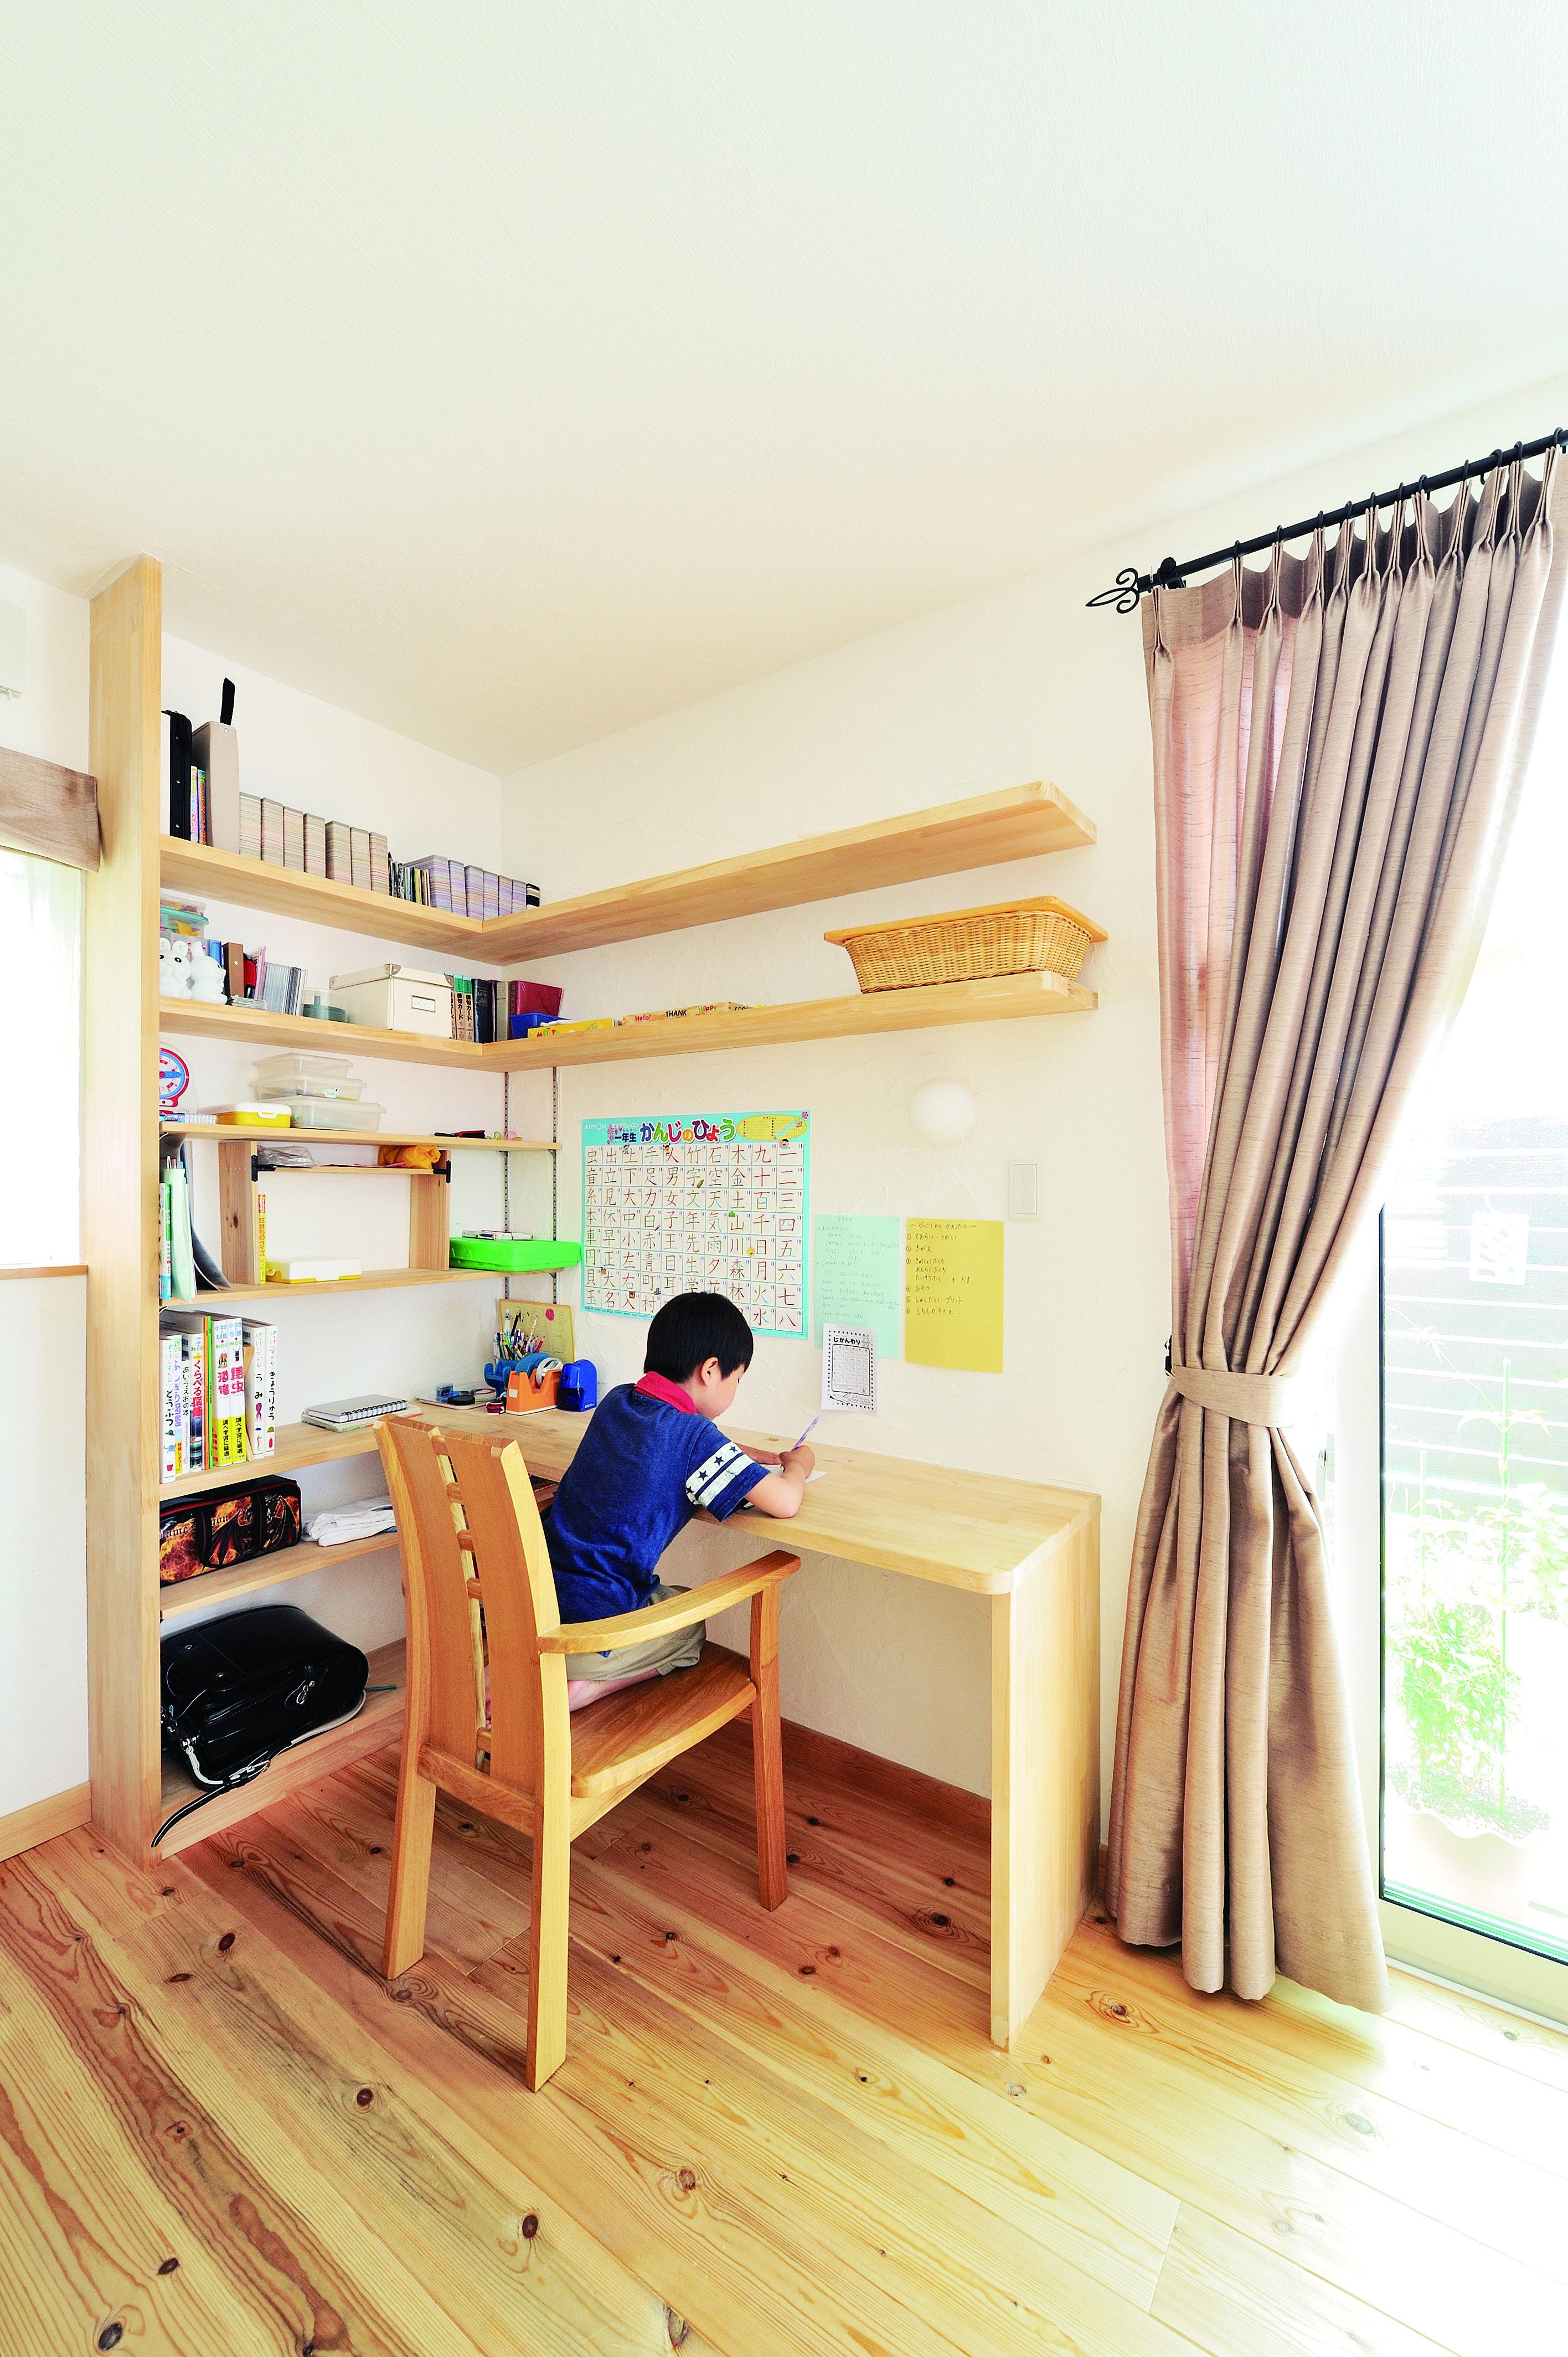 ケース18 自宅で インテリア 収納 インテリア 家具